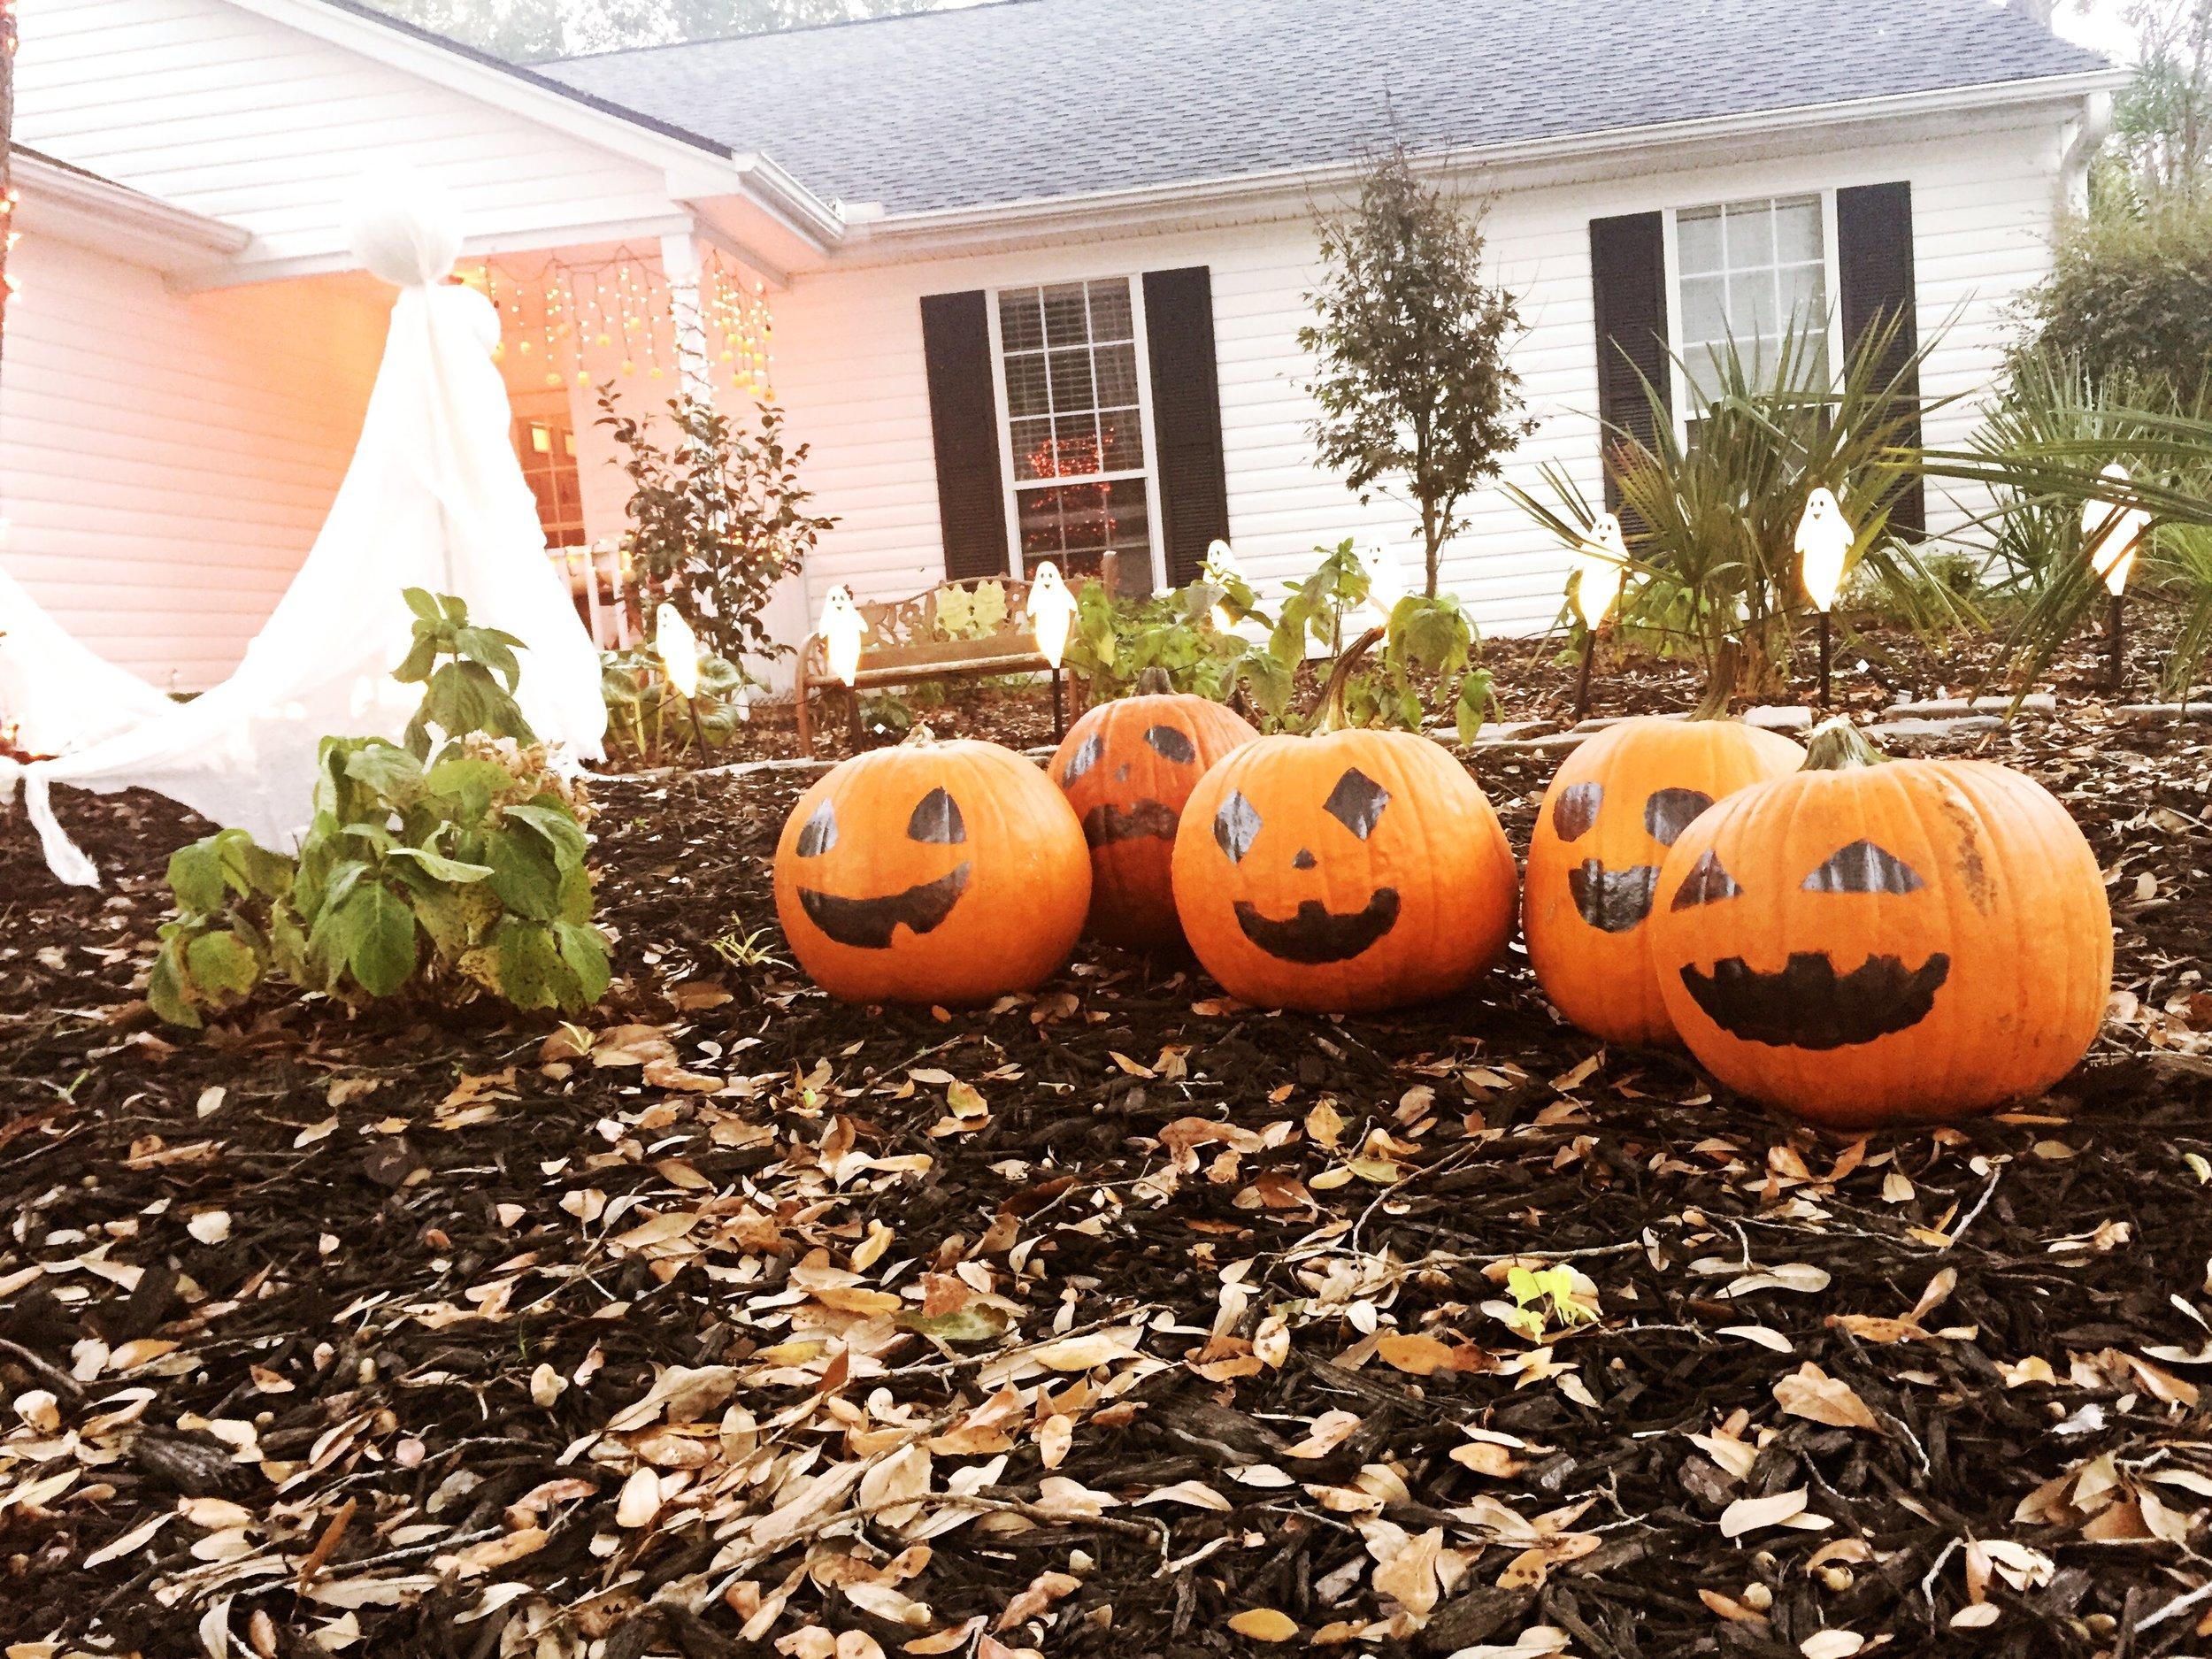 Our pumpkin patch - five little pumpkins